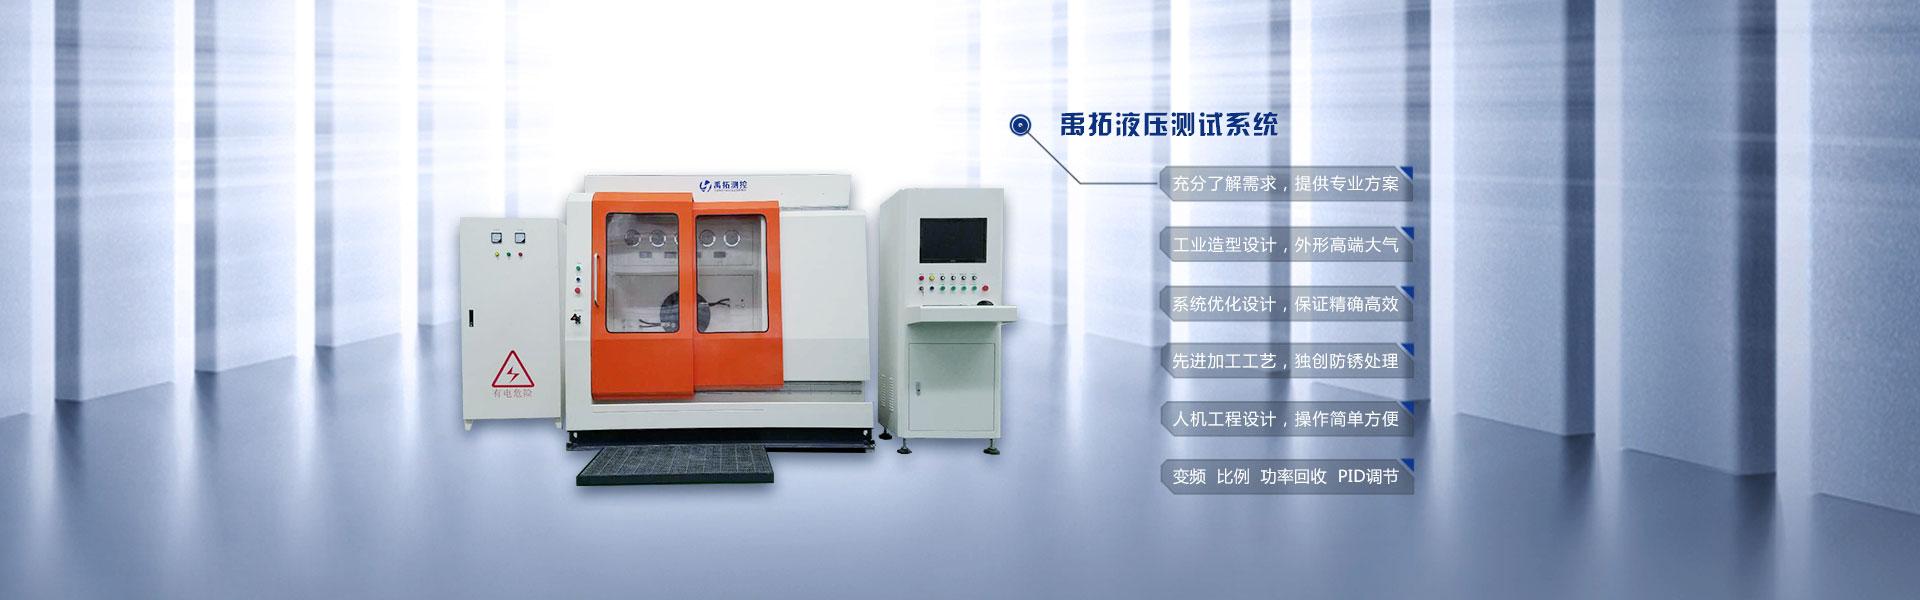 全自动液压泵出厂测试台